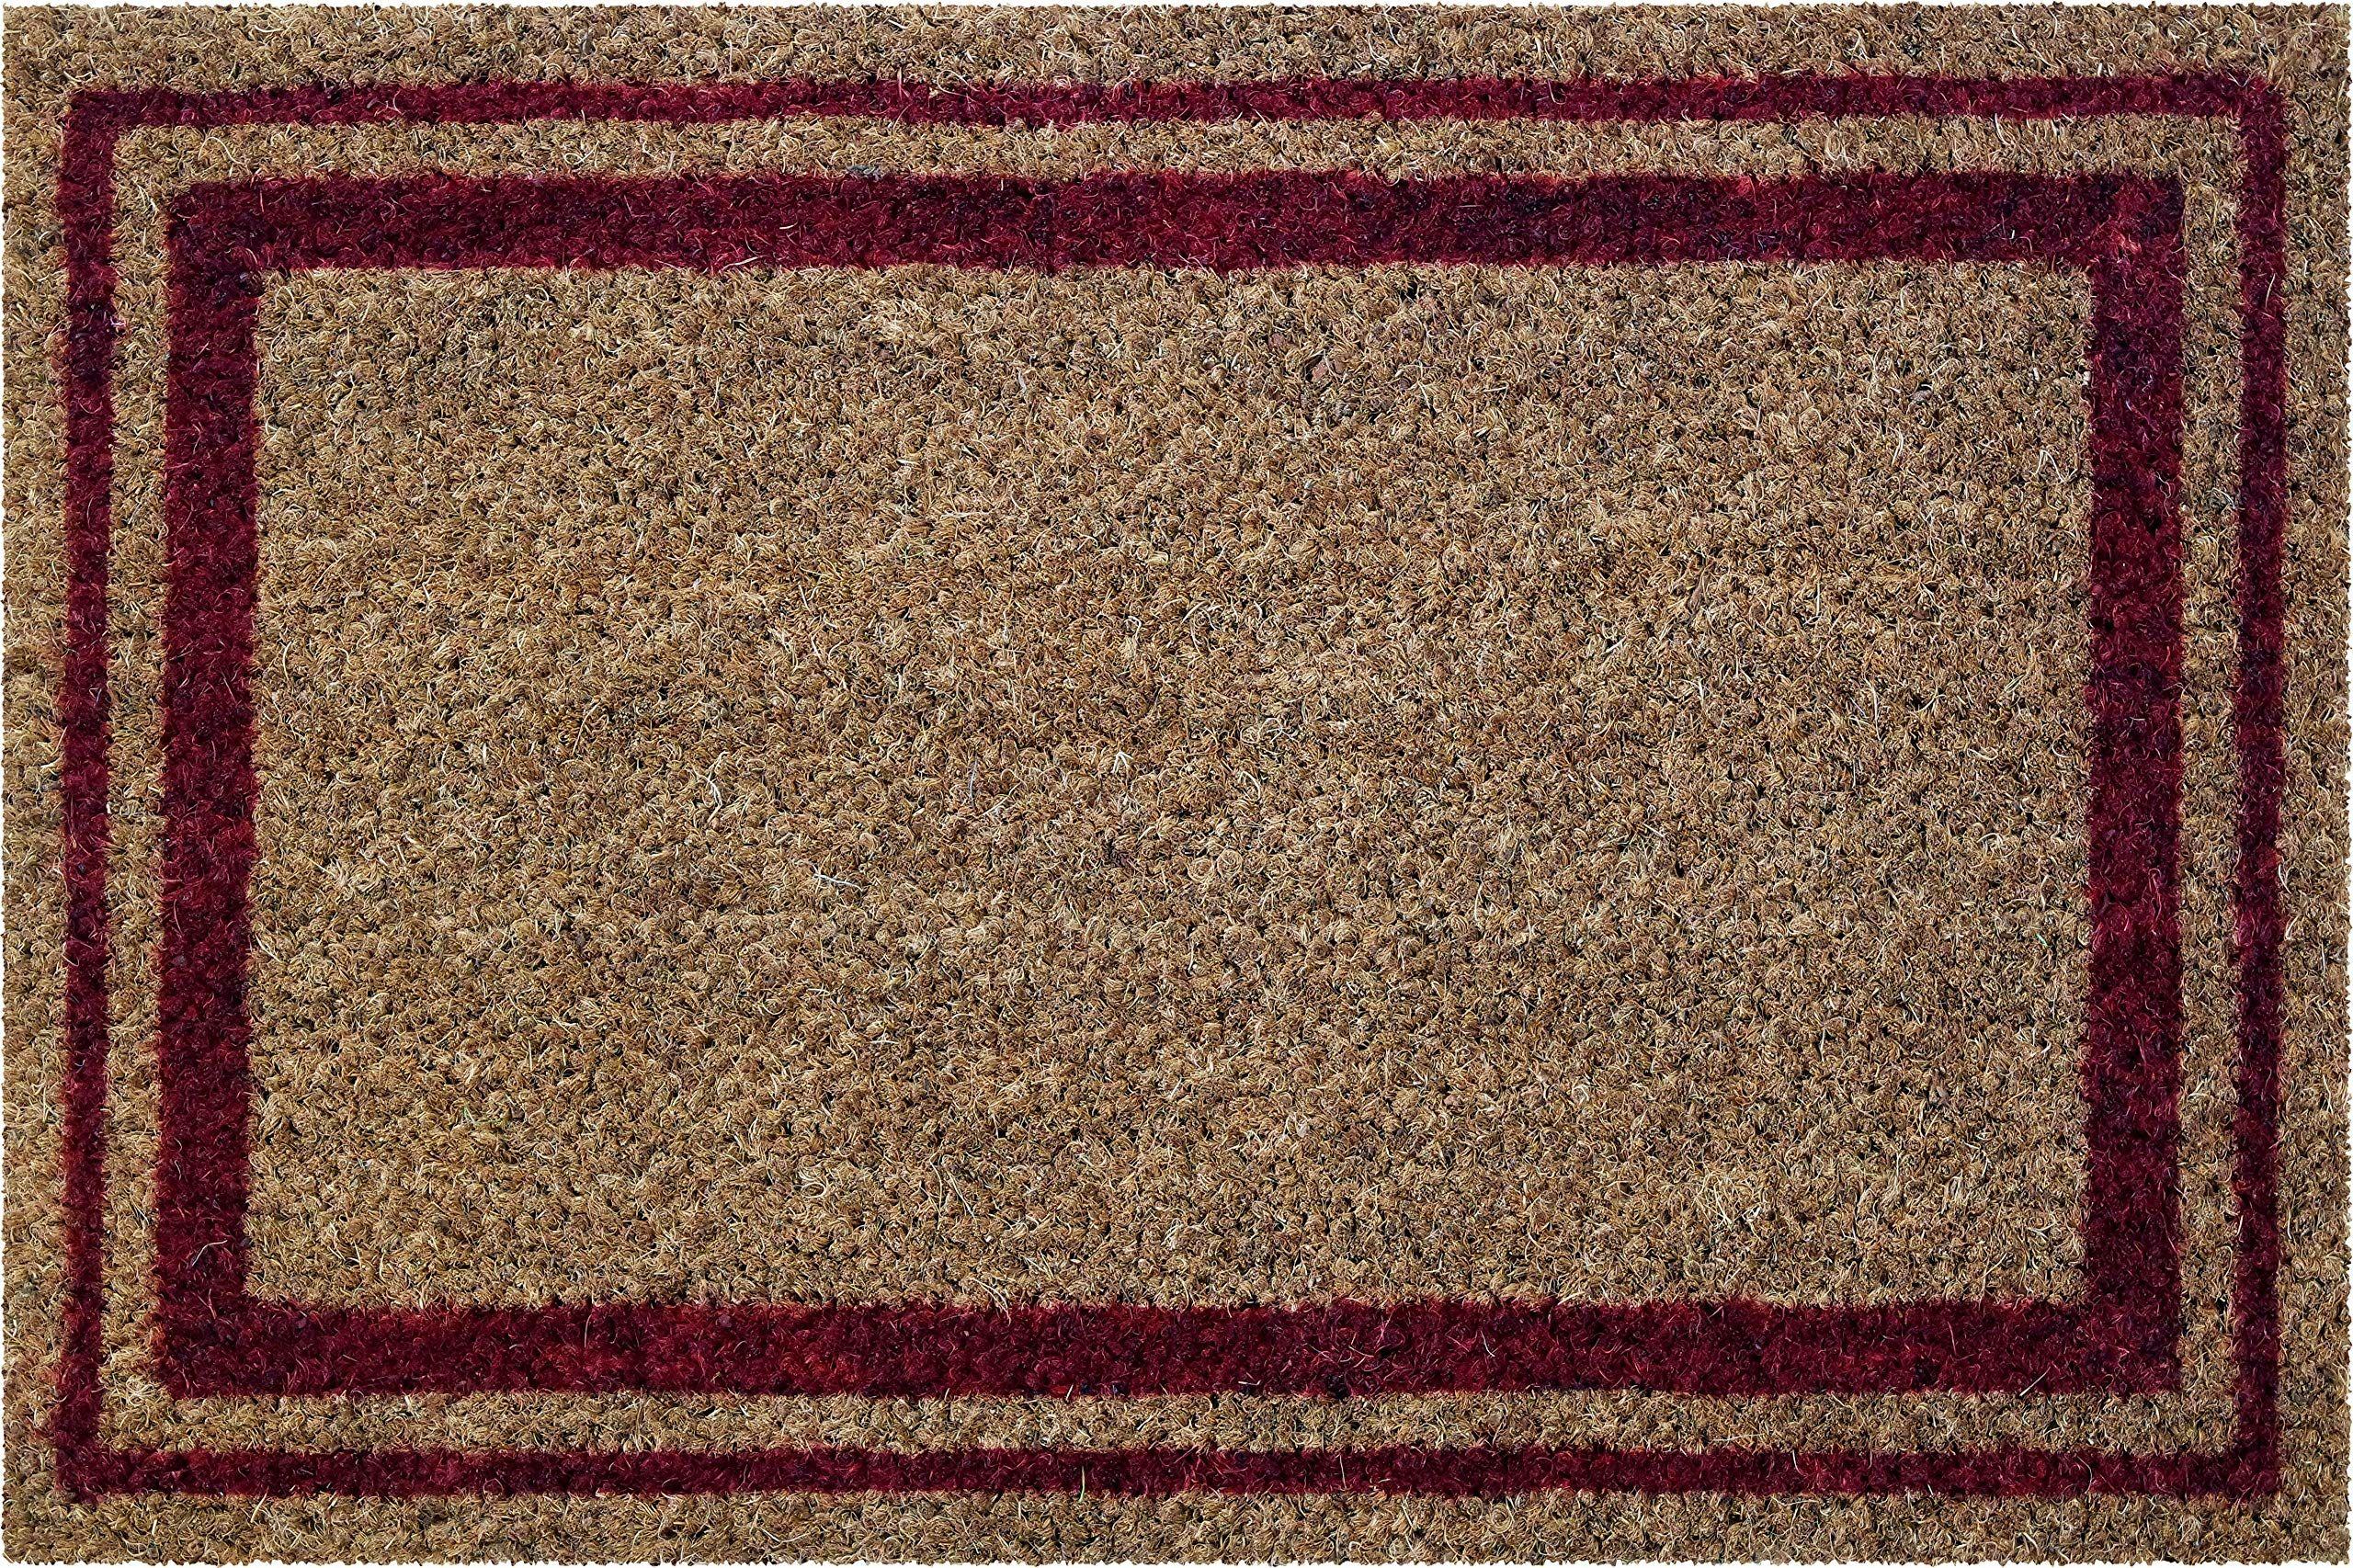 ID Mat 406004 Bordures wycieraczka z włókna kokosowego kolor naturalny/PCW/czerwony, 60 x 40 x 1,5 cm